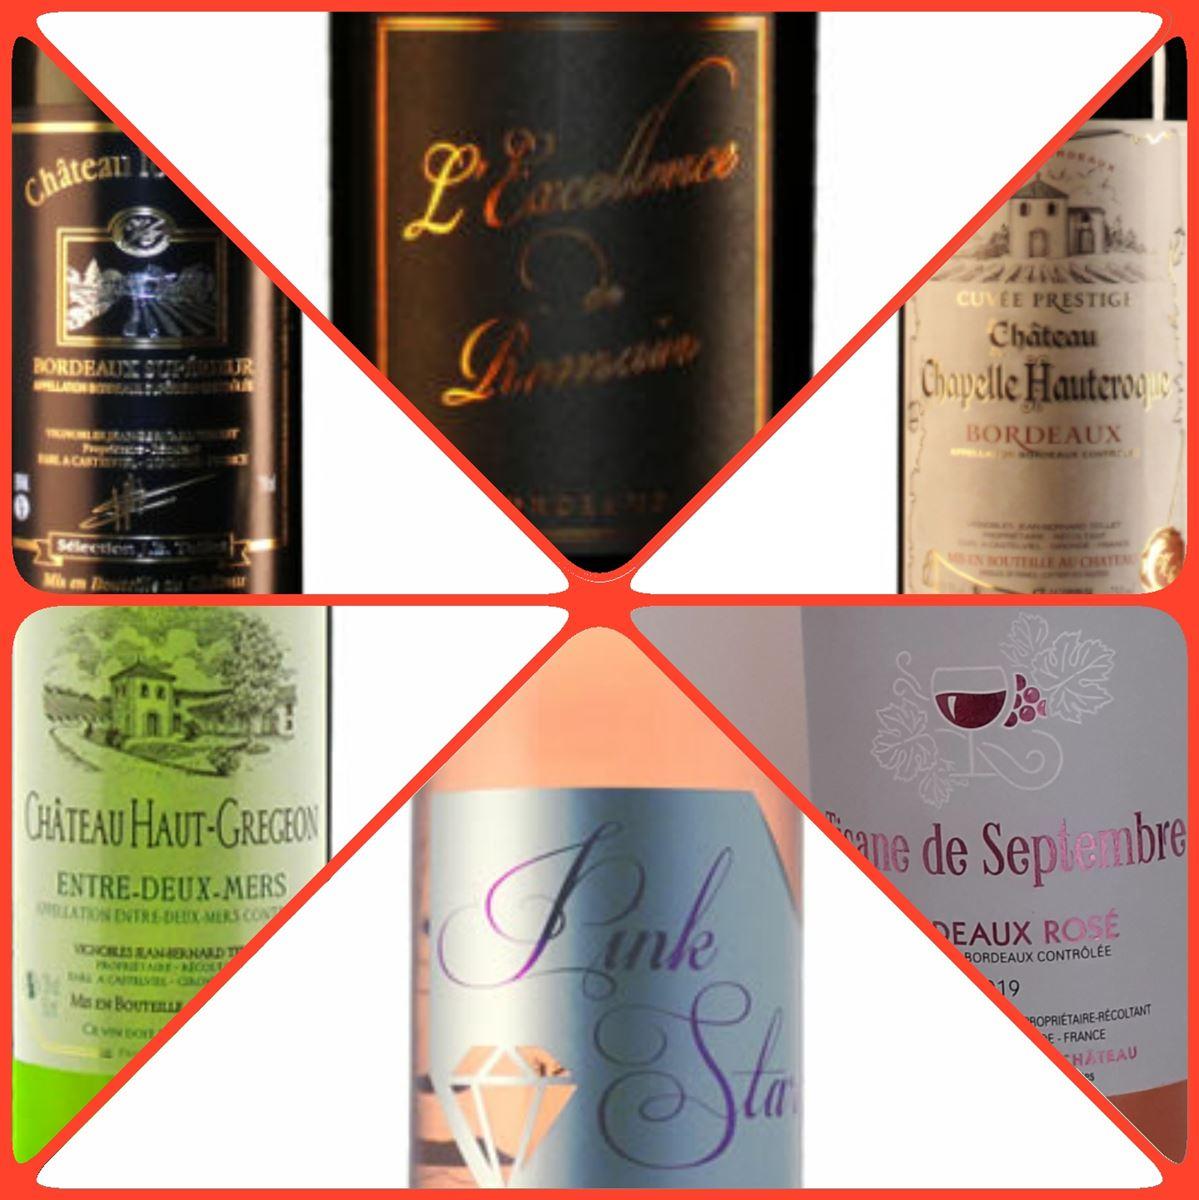 etiquette-6-VINS-Vignobles-TEILLET-JB